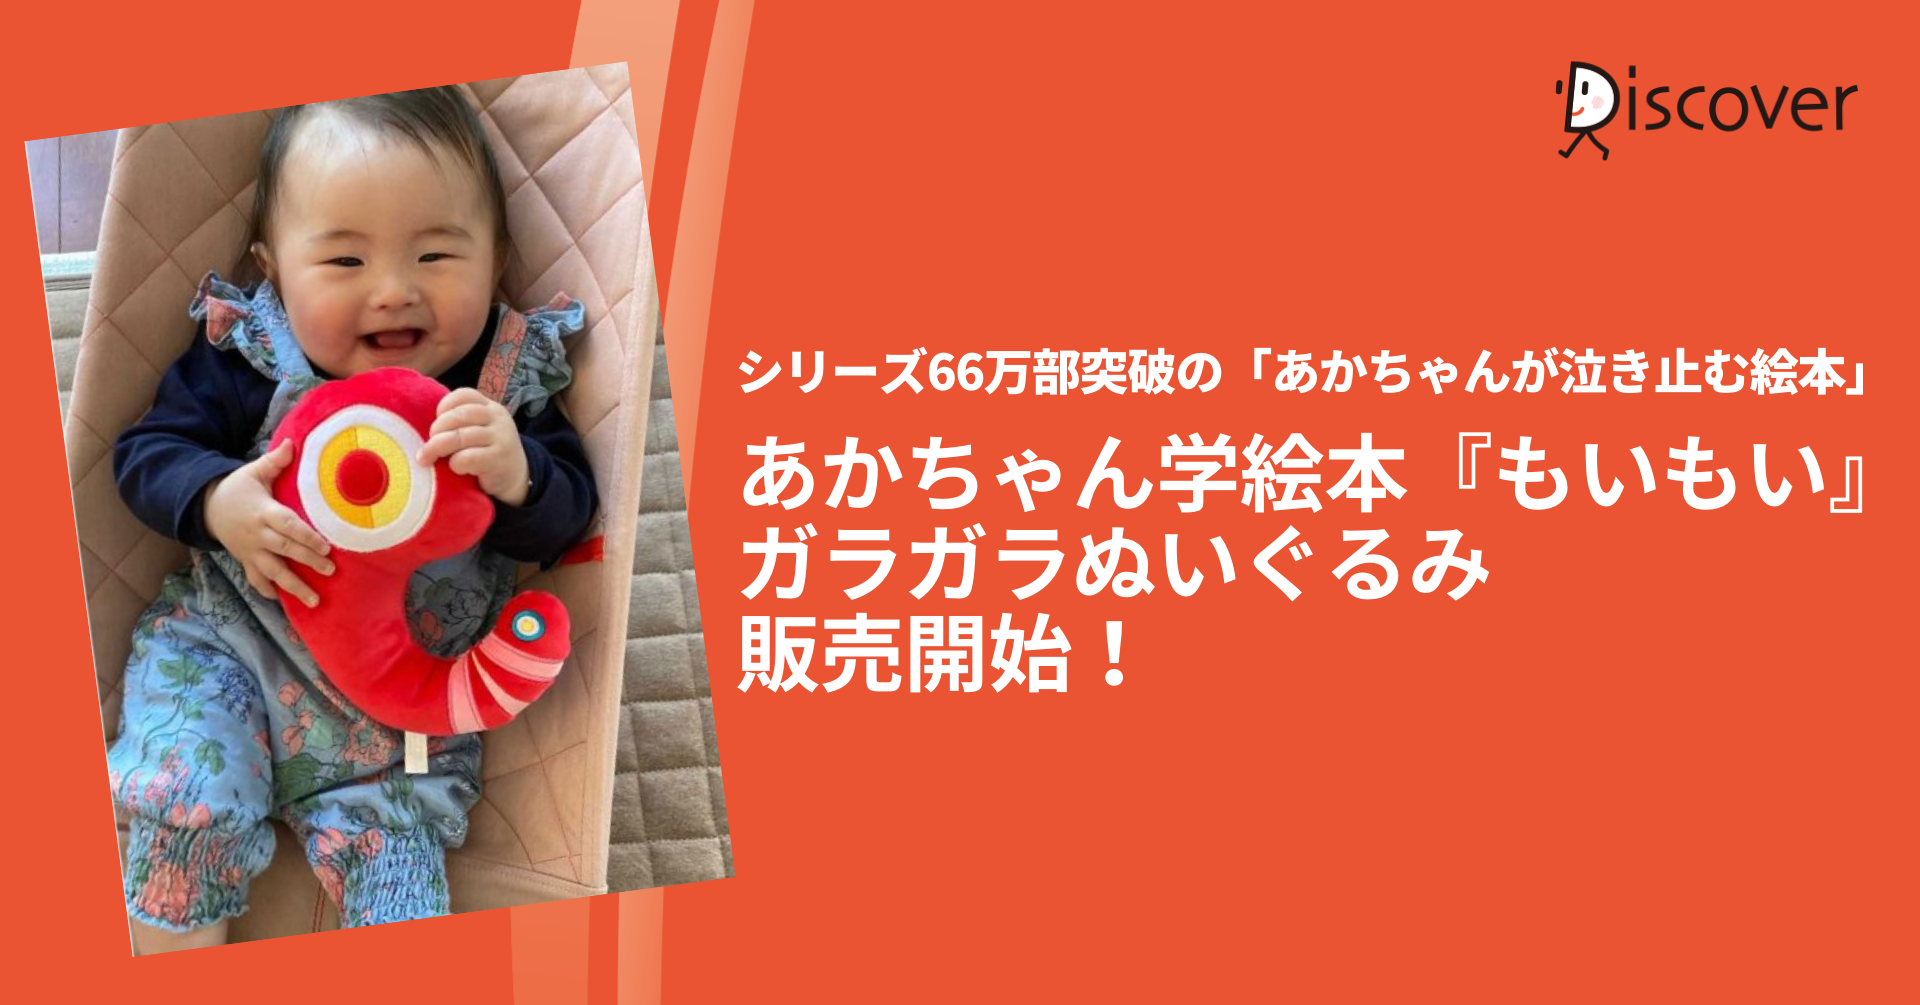 あかちゃん学絵本『もいもい』のぬいぐるみが、ディスカヴァーオンラインショップで販売開始!